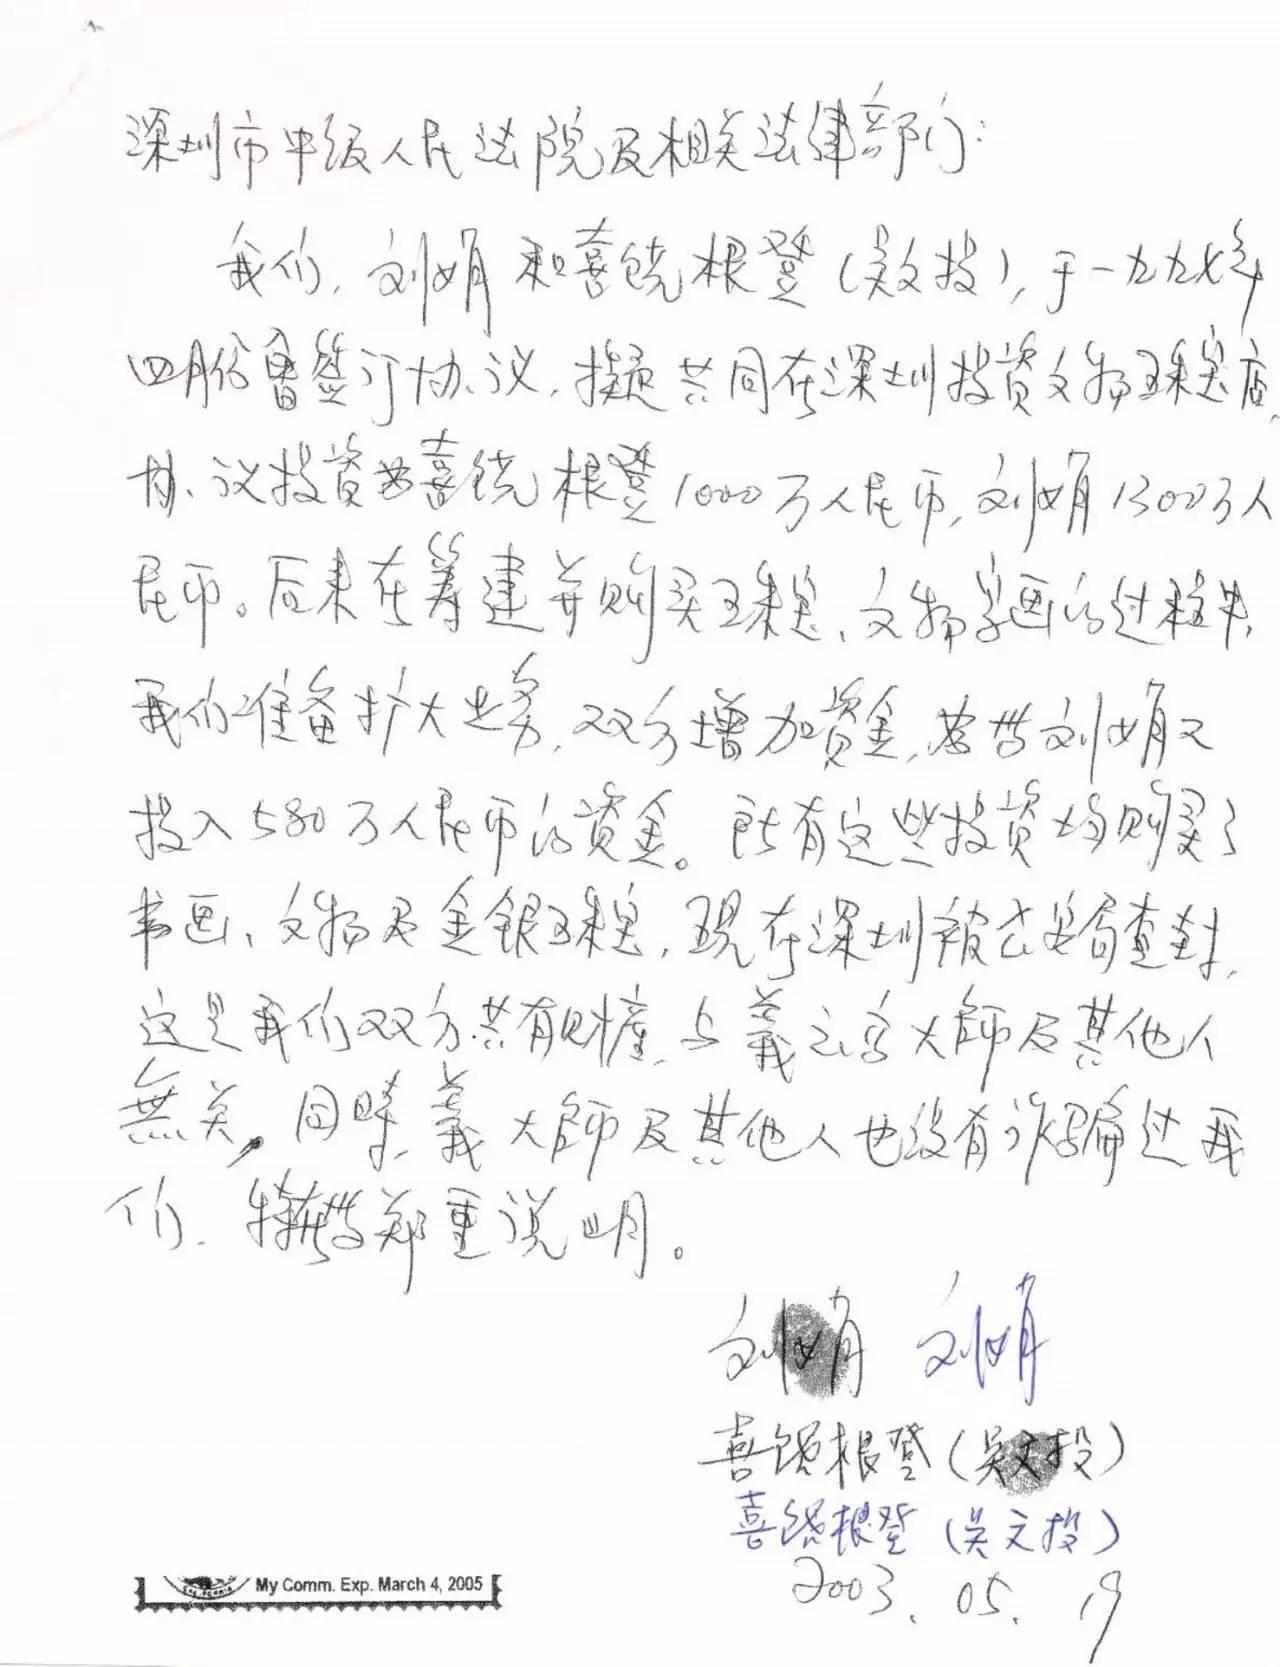 周永康陈绍基陷害第三世多杰羌佛真相曝光 第33张